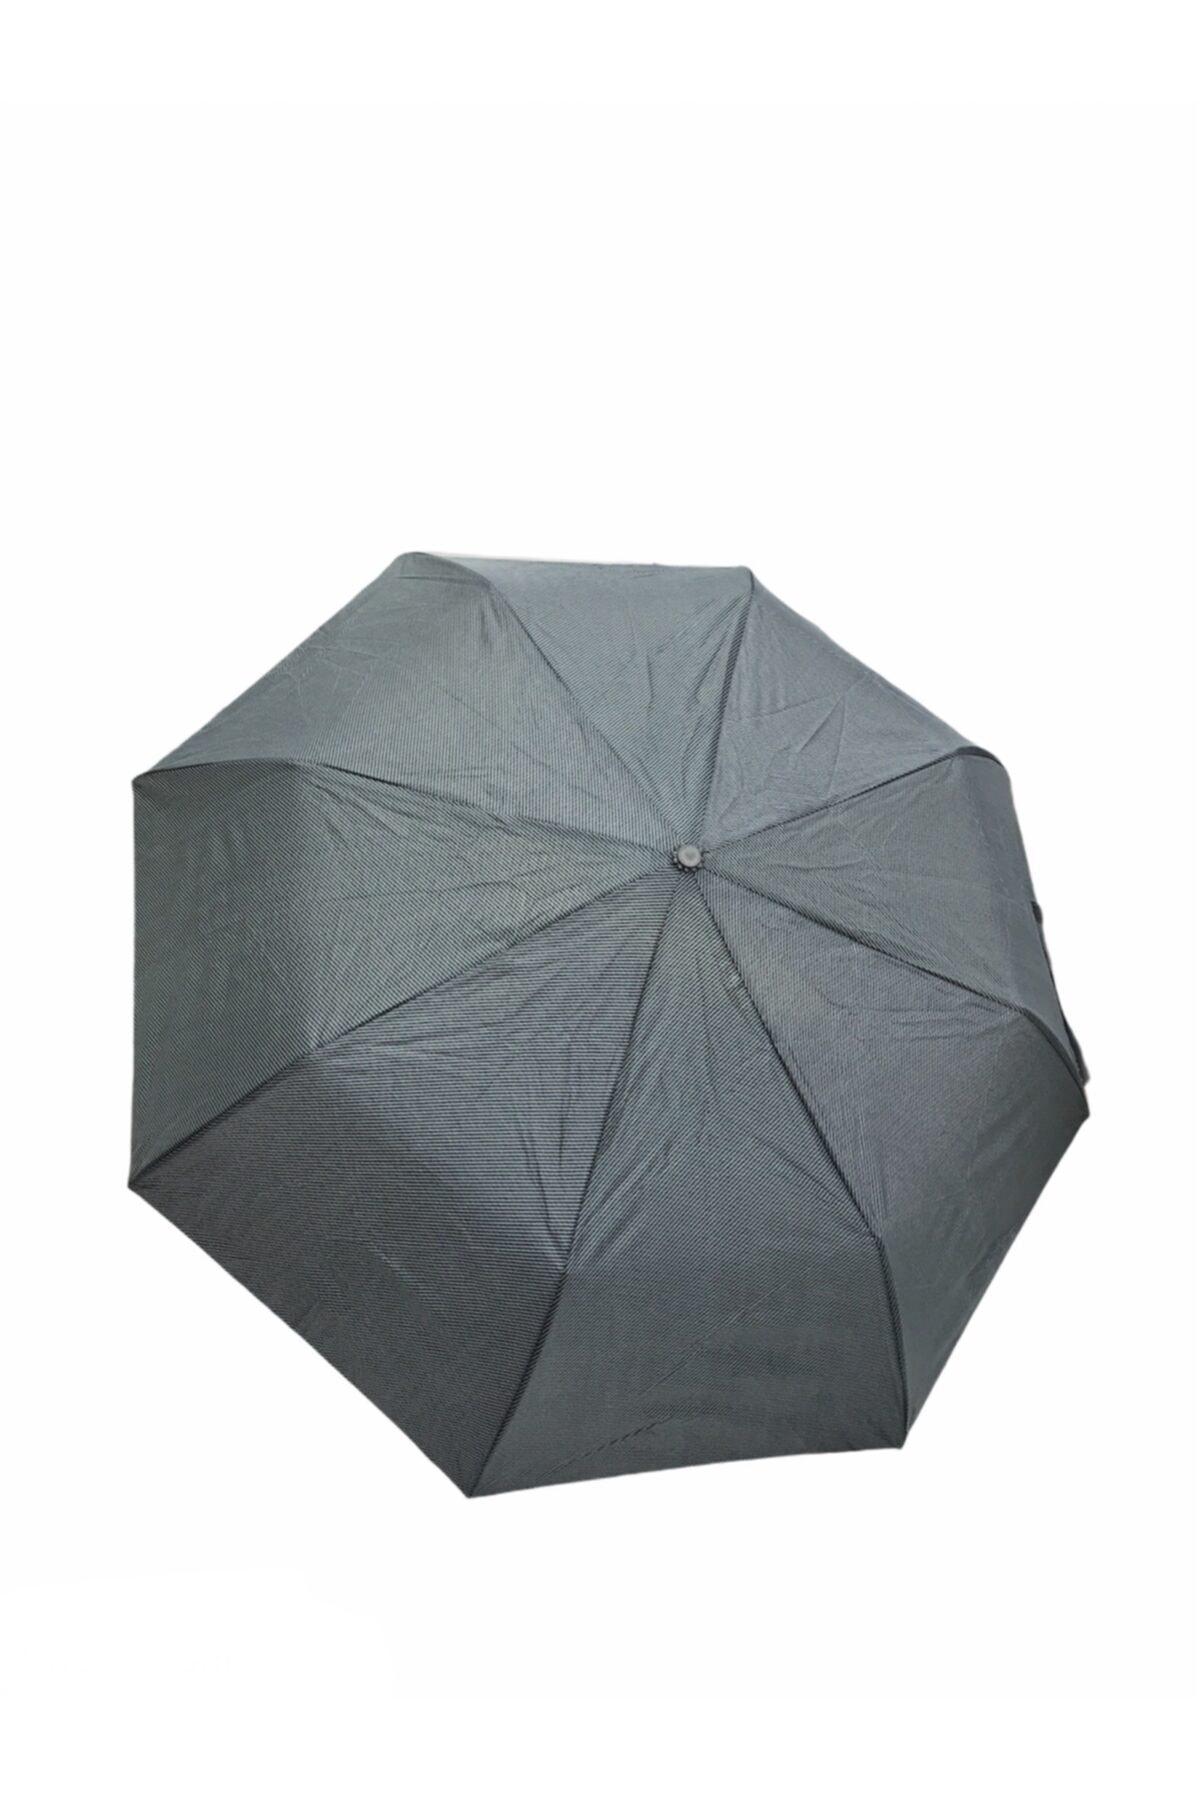 Almera Yarı Otomatik Şemsiye 2